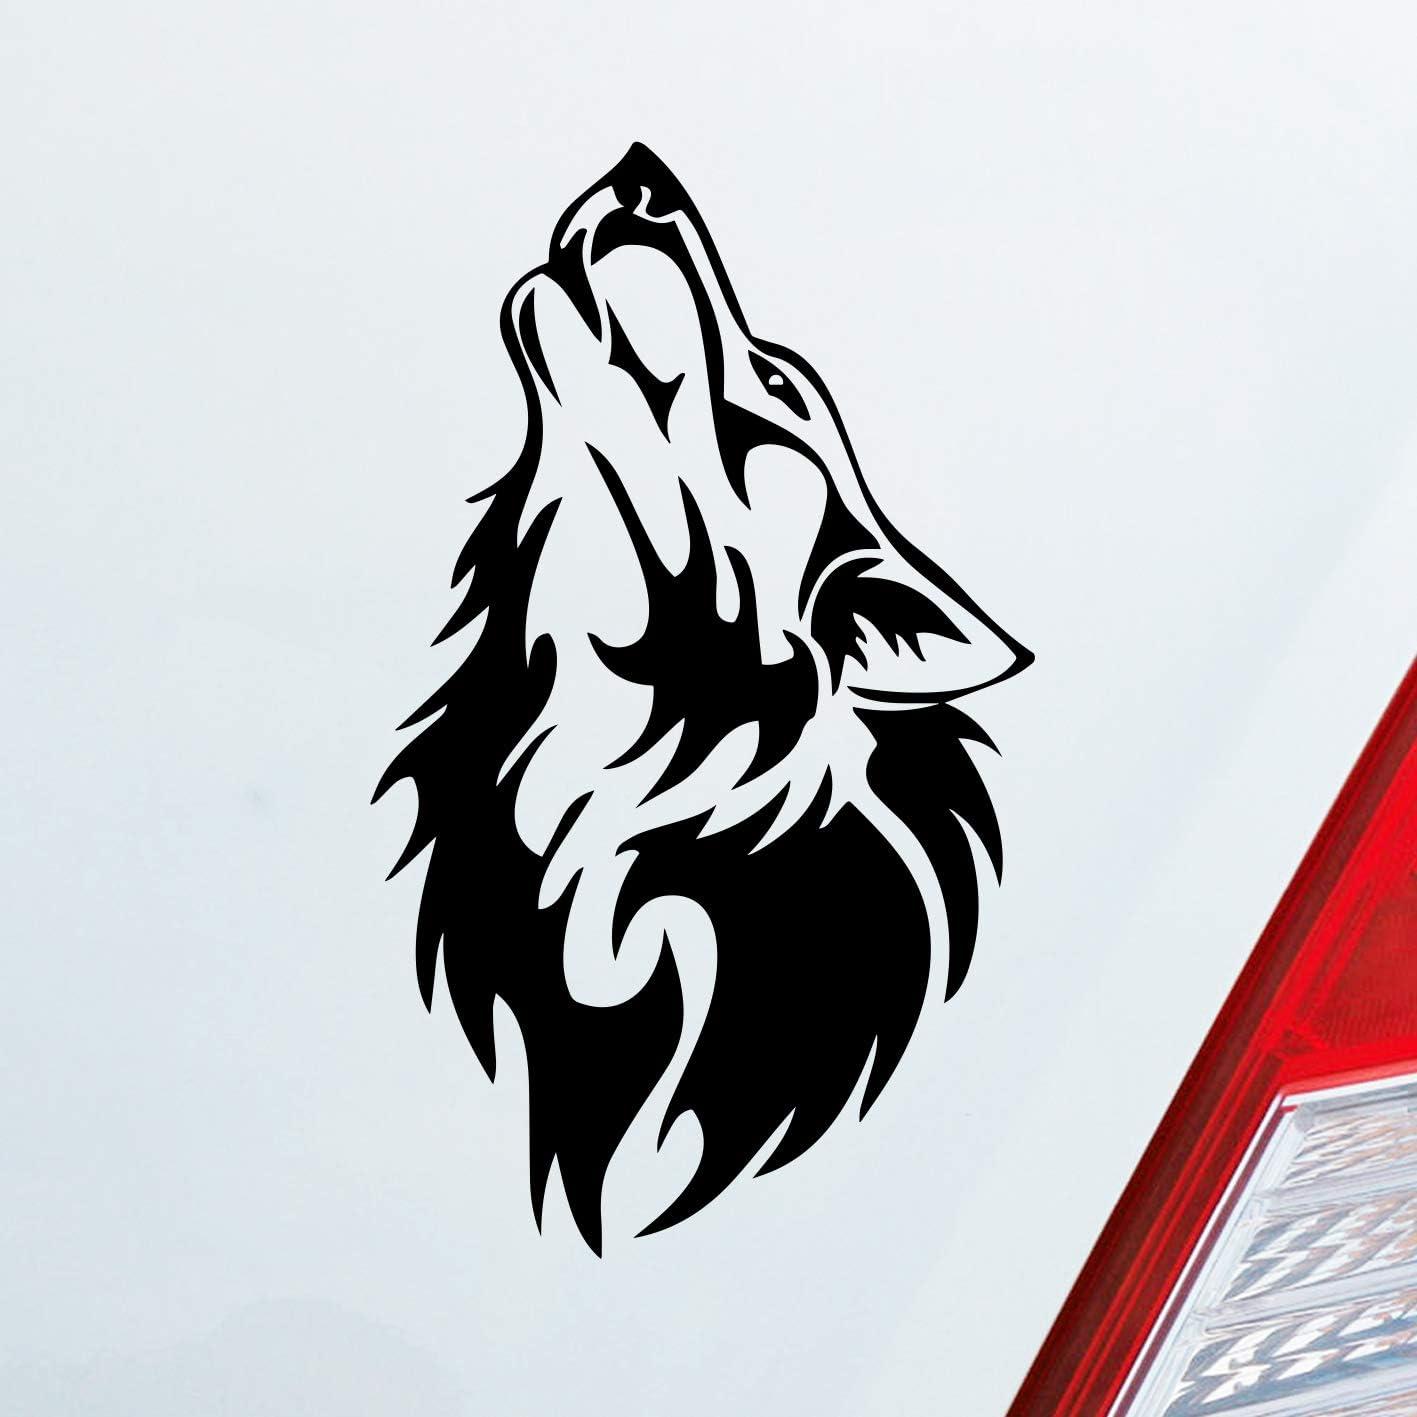 Auto Aufkleber In Deiner Wunschfarbe Wolf Wölfe Hund Heulen Wulf Tier Animal Motorrad Dub 15x9 Cm Autoaufkleber Sticker Auto